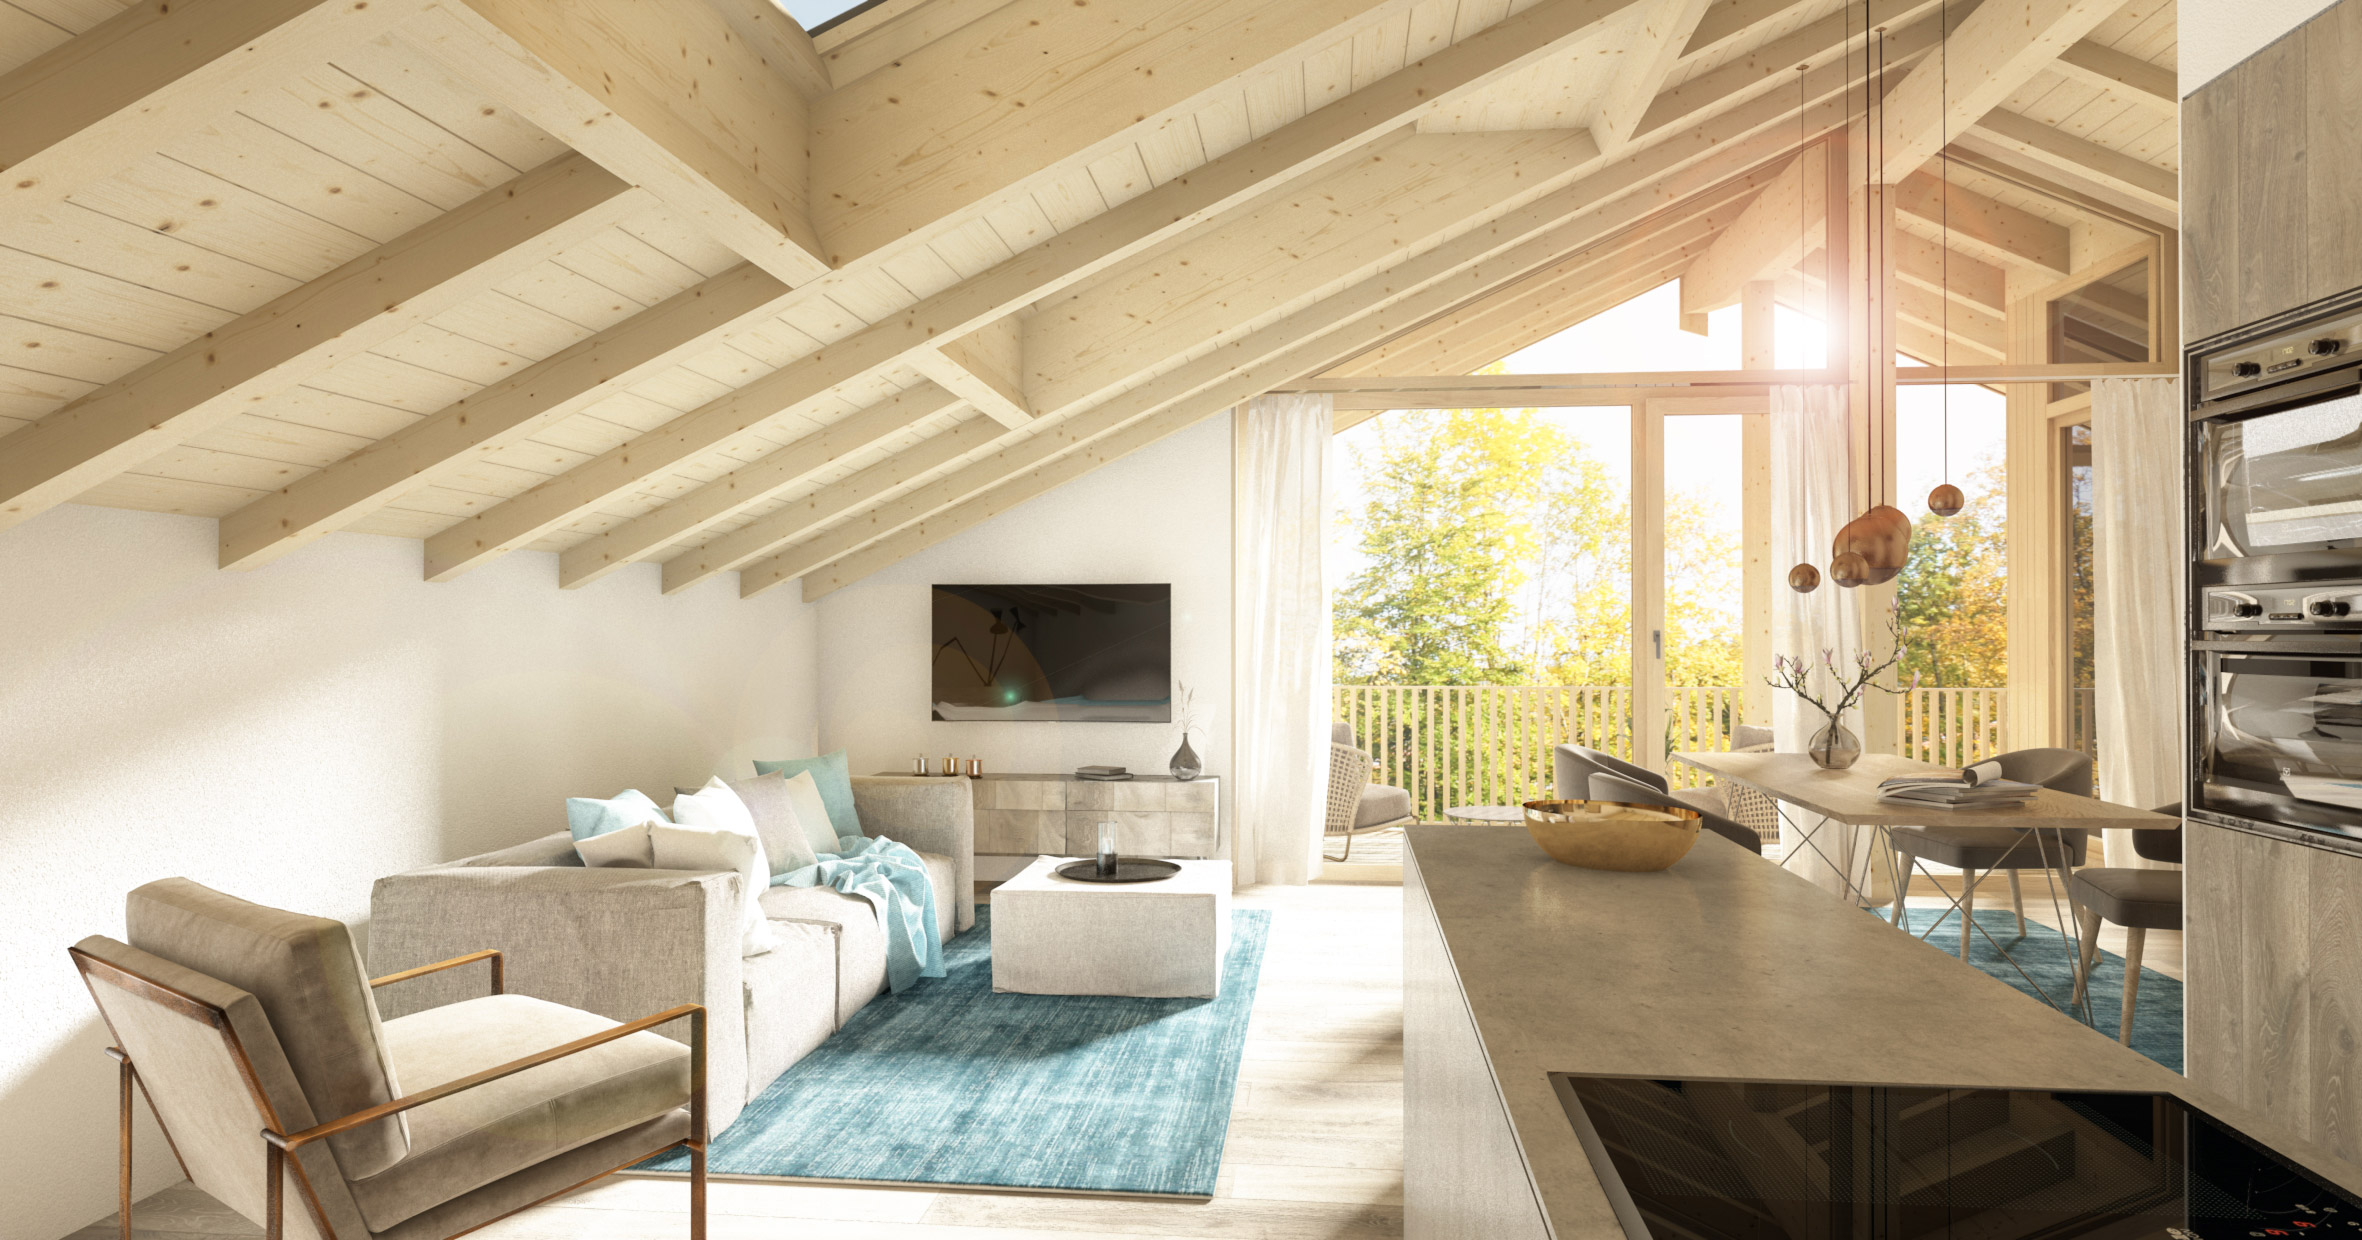 zimmerei-stoib-holzbau-schlüsselfertig-visualisierung-wohnzimmer-dachstuhl-dachgeschoss-wall-loggia-architektur-innenausbau-warngau-tegernsee-mehrfamilienhaus.jpg